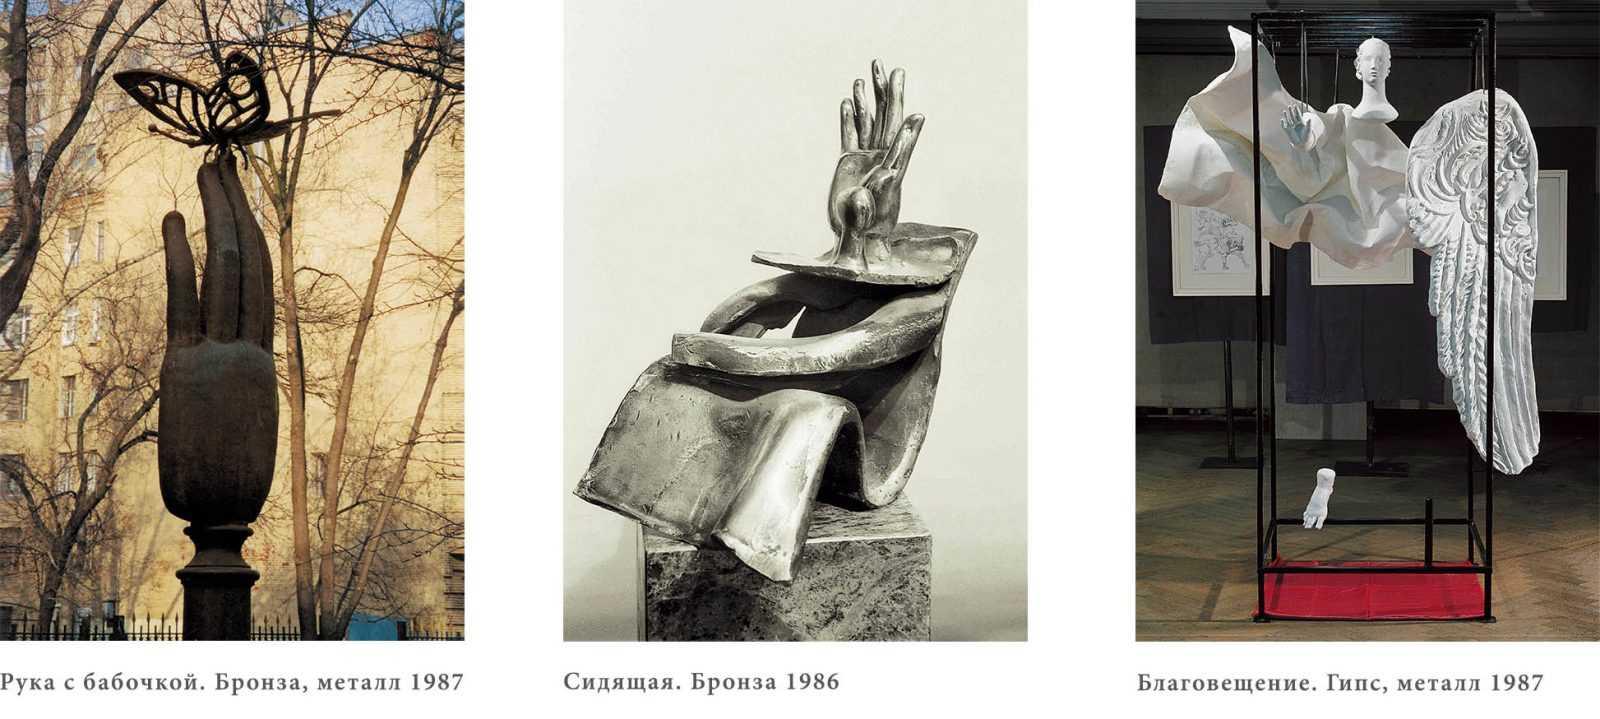 Образ руки в творчестве Александра Николаевича Бурганова